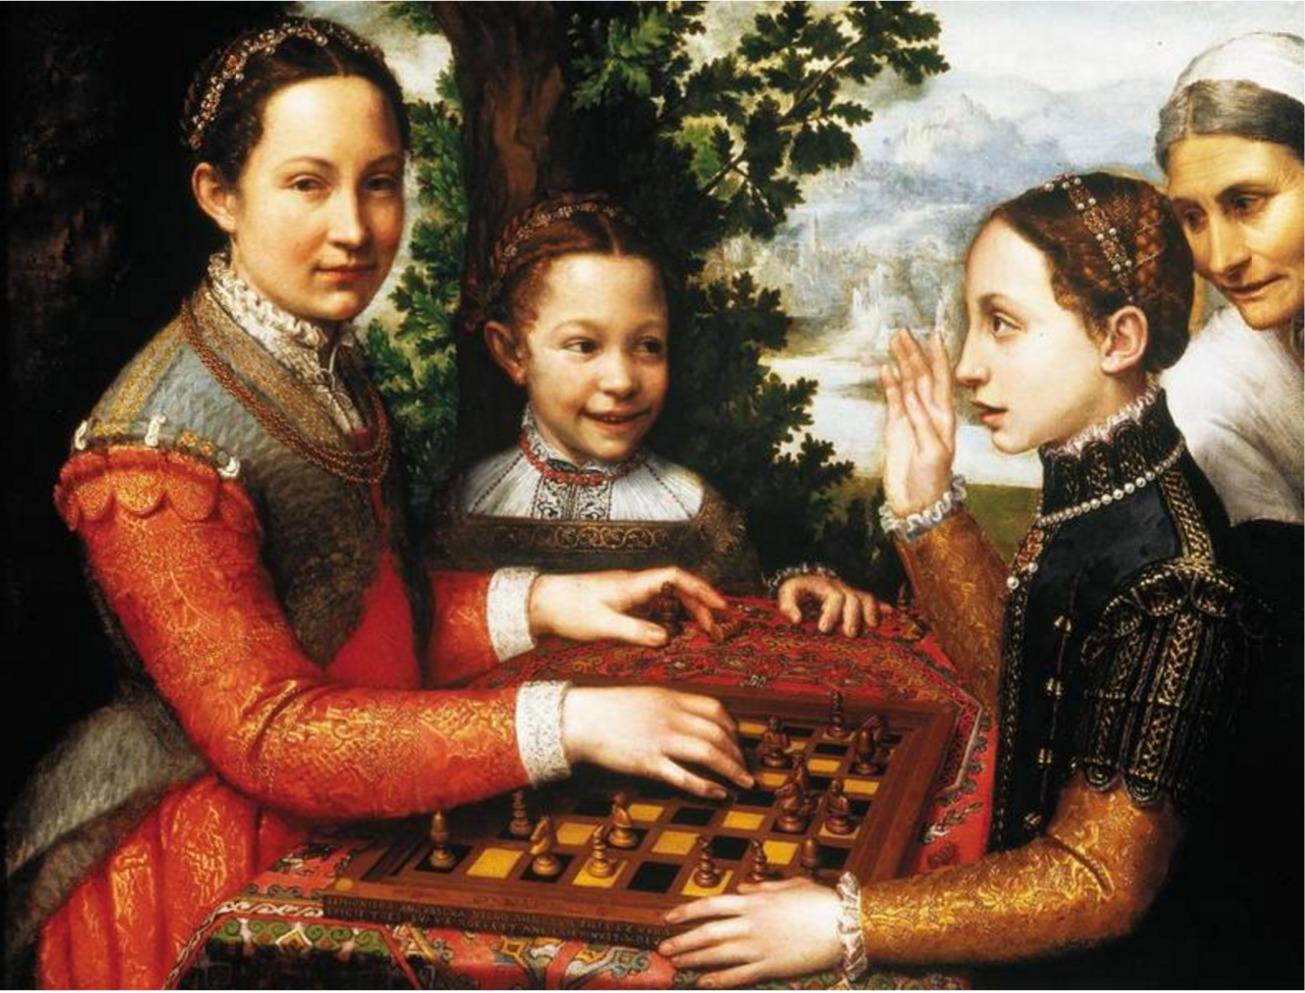 La_partie_dechec_Sofonisba_Anguissola femme artiste